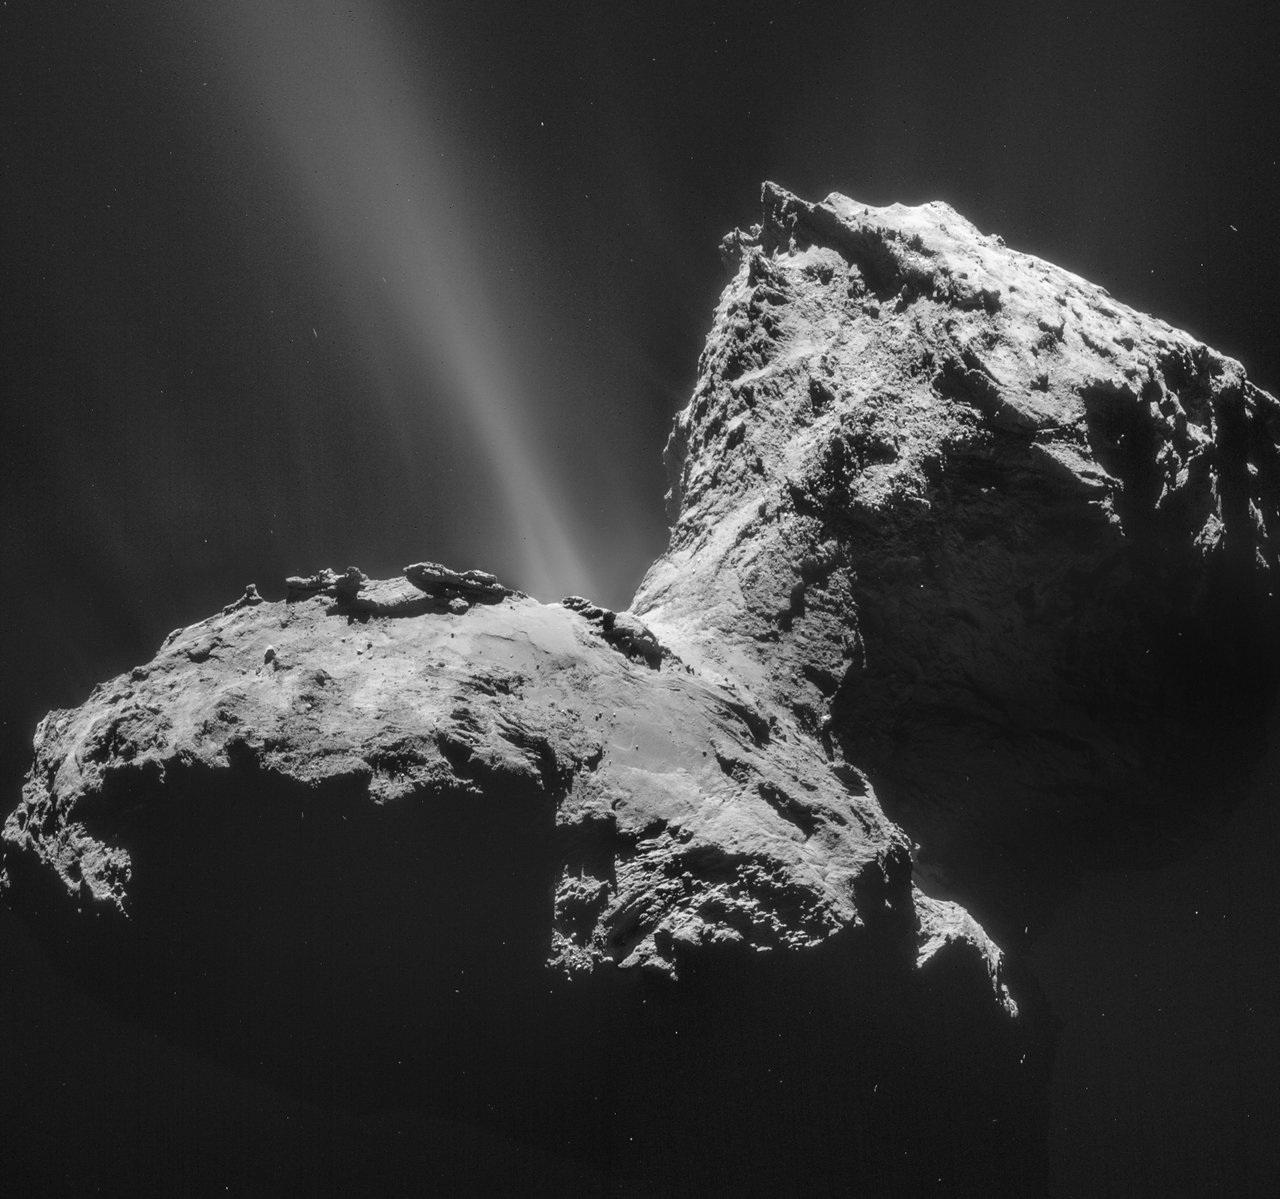 Rosetta 67P